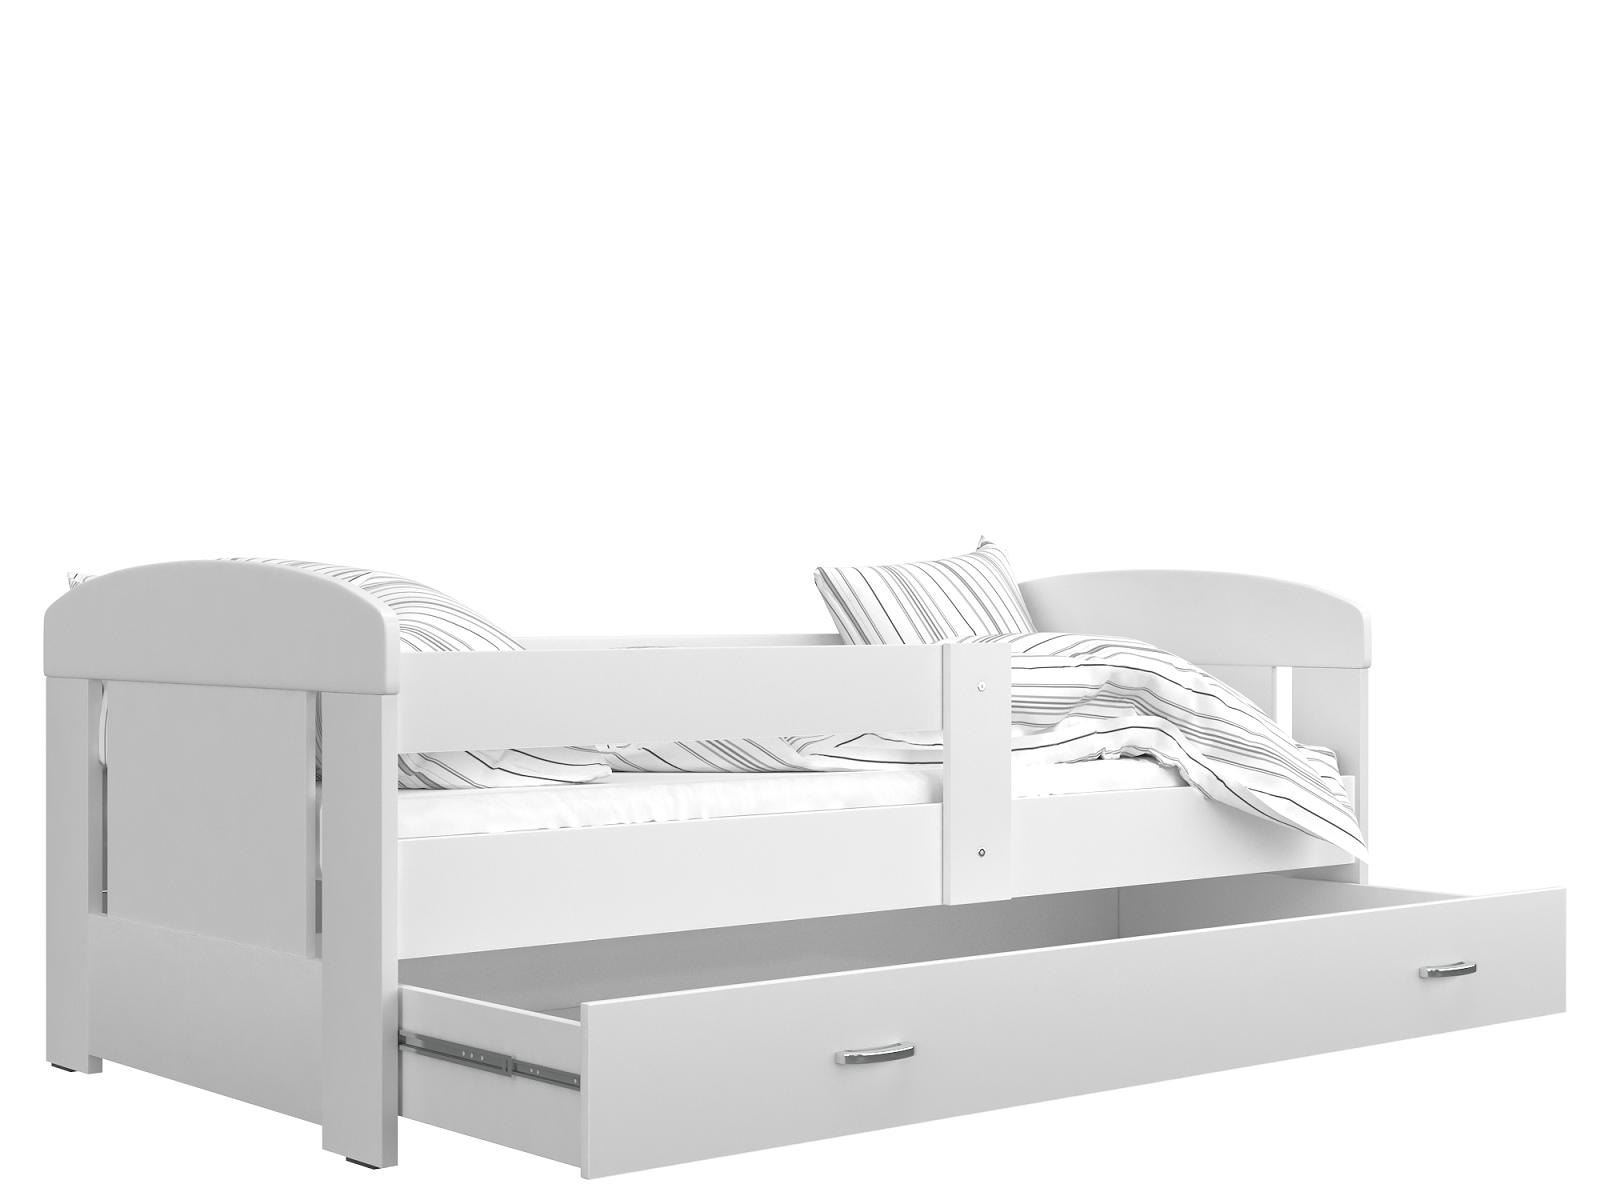 ArtAJ Detská posteľ FILIP COLOR / 160 x 80 cm Farba: Biela / biela